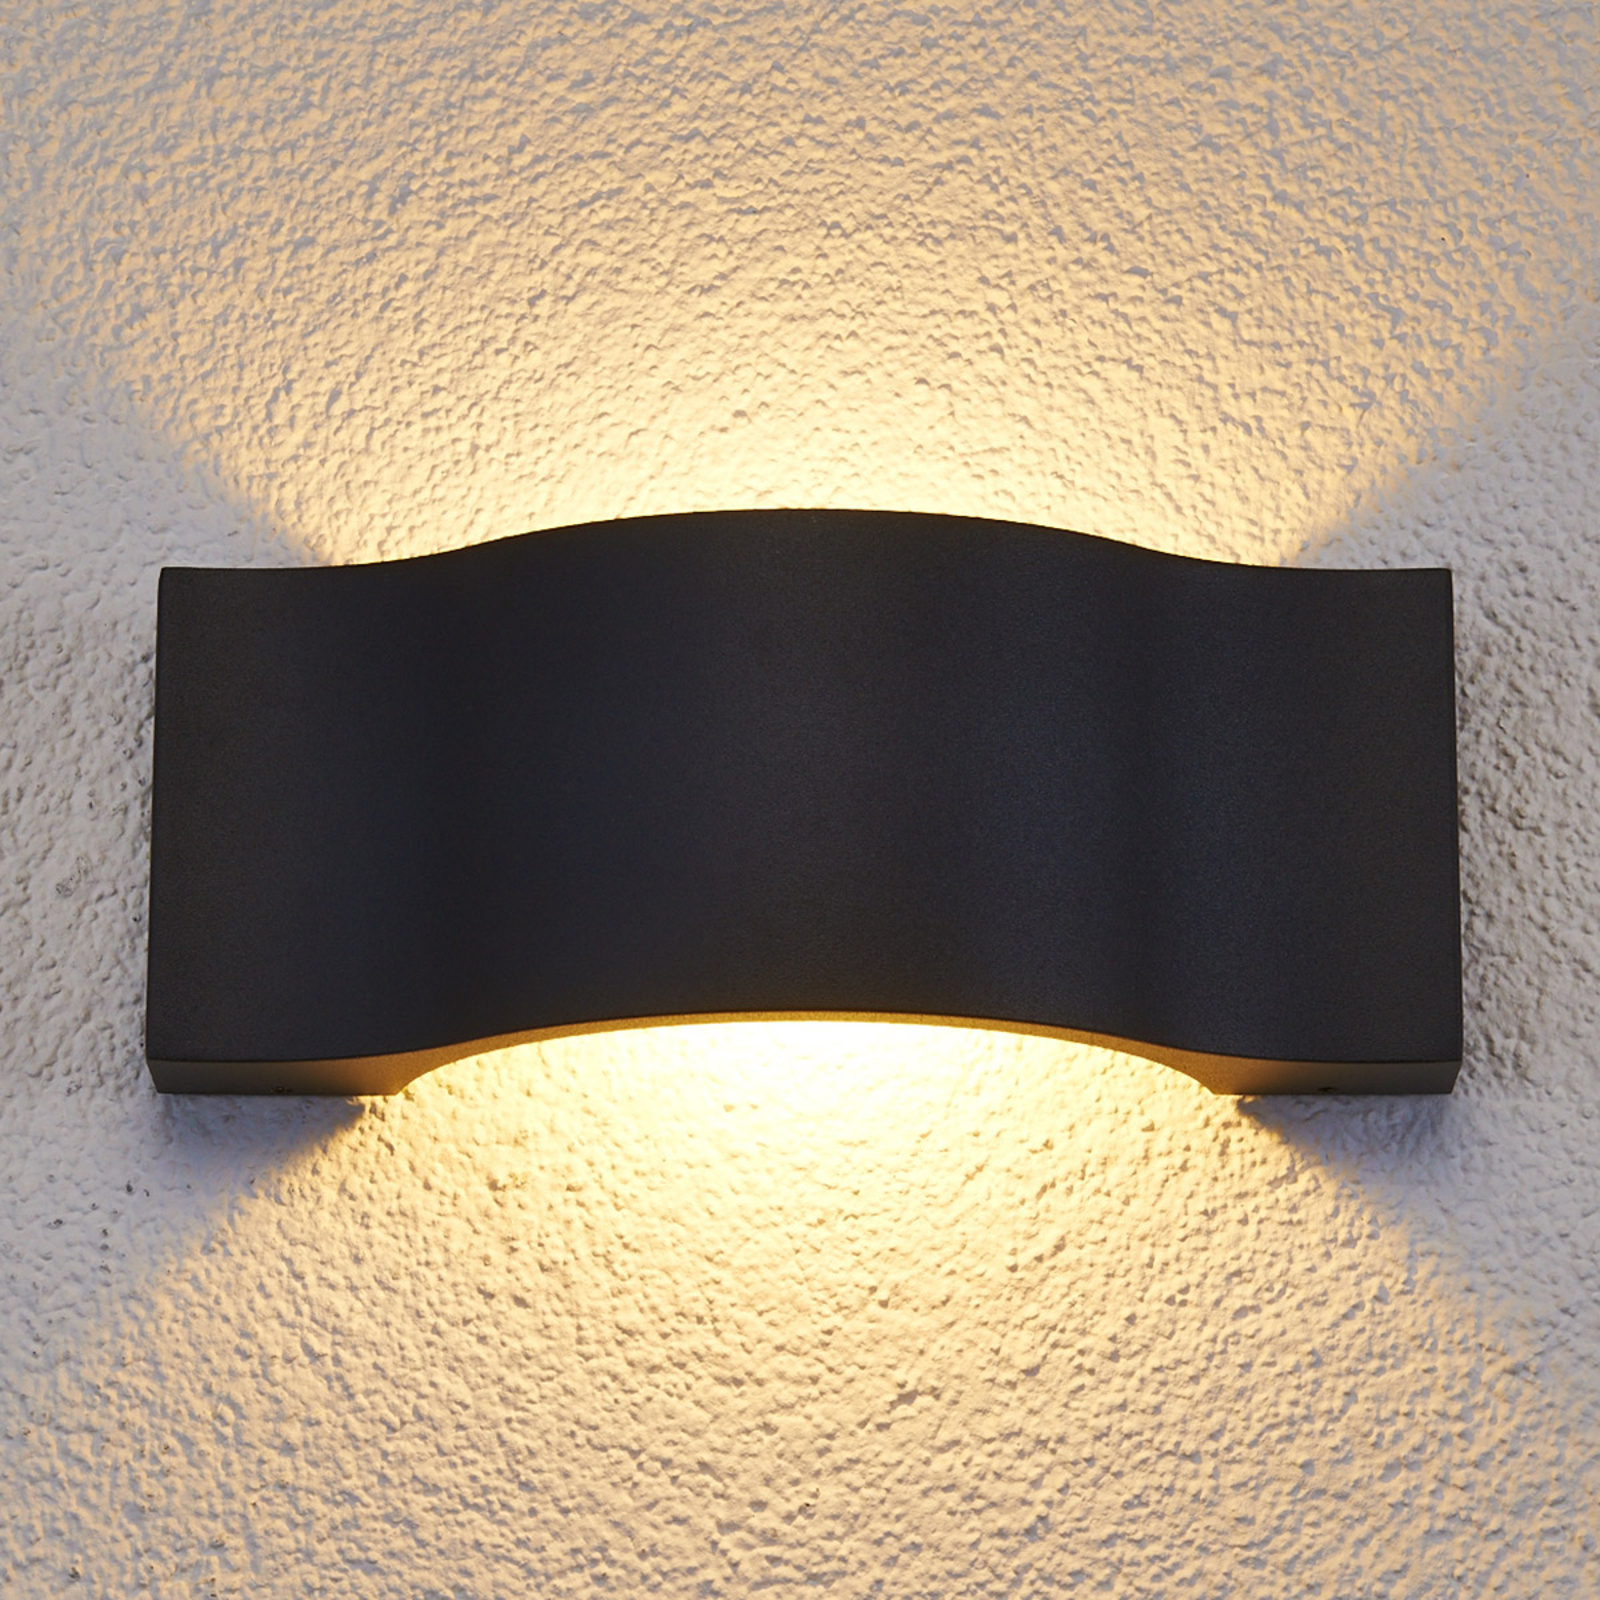 Elegante led-buitenwandlamp Jace